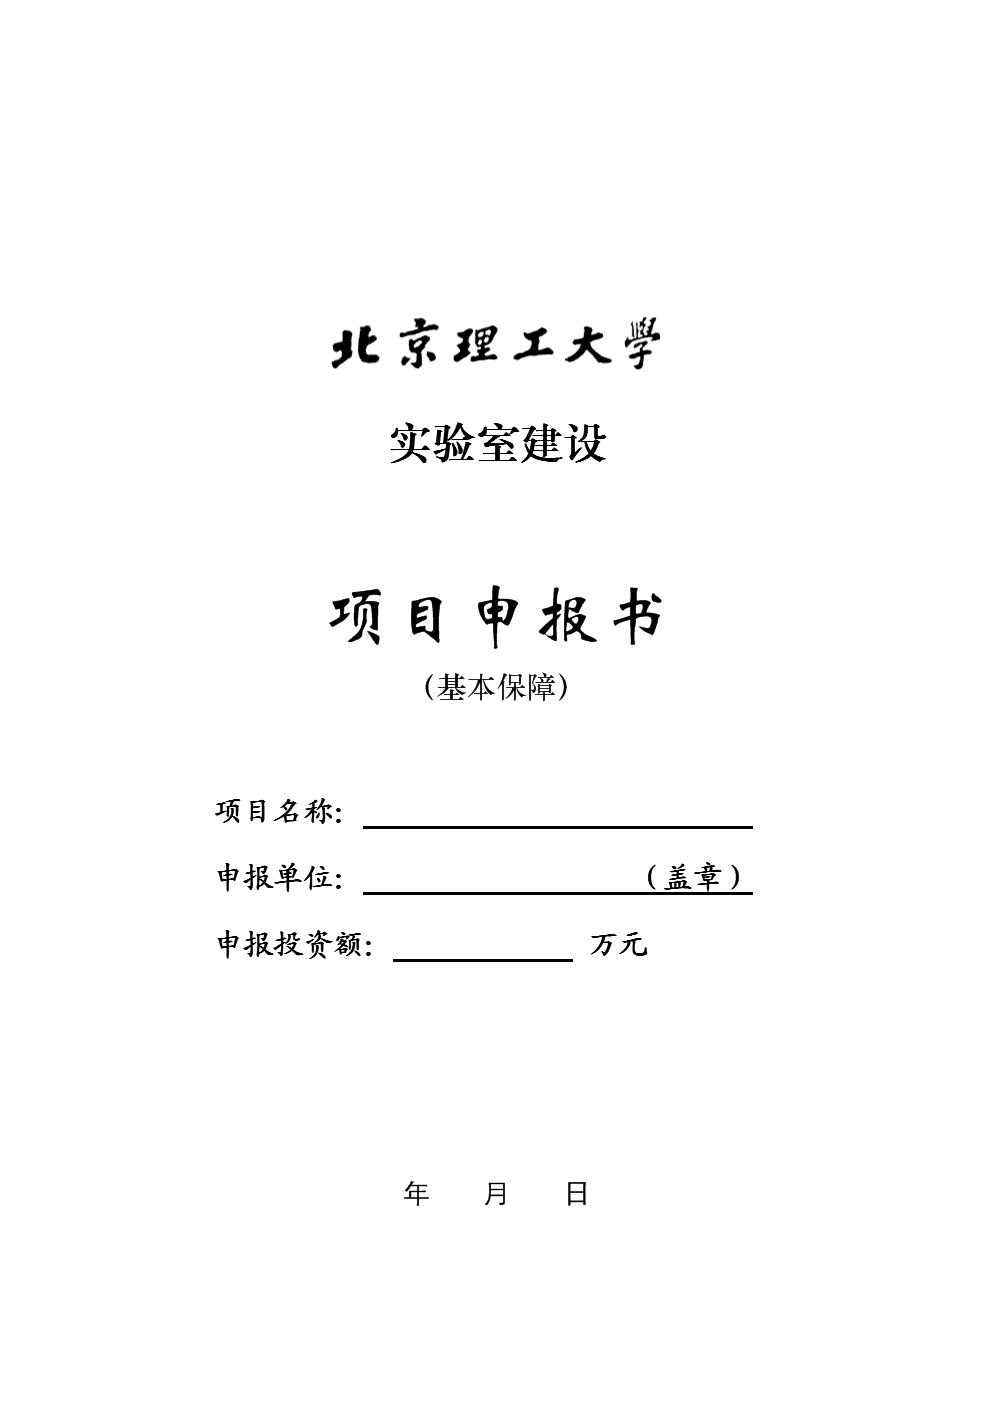 北京理工大学教学基础条件建设.doc